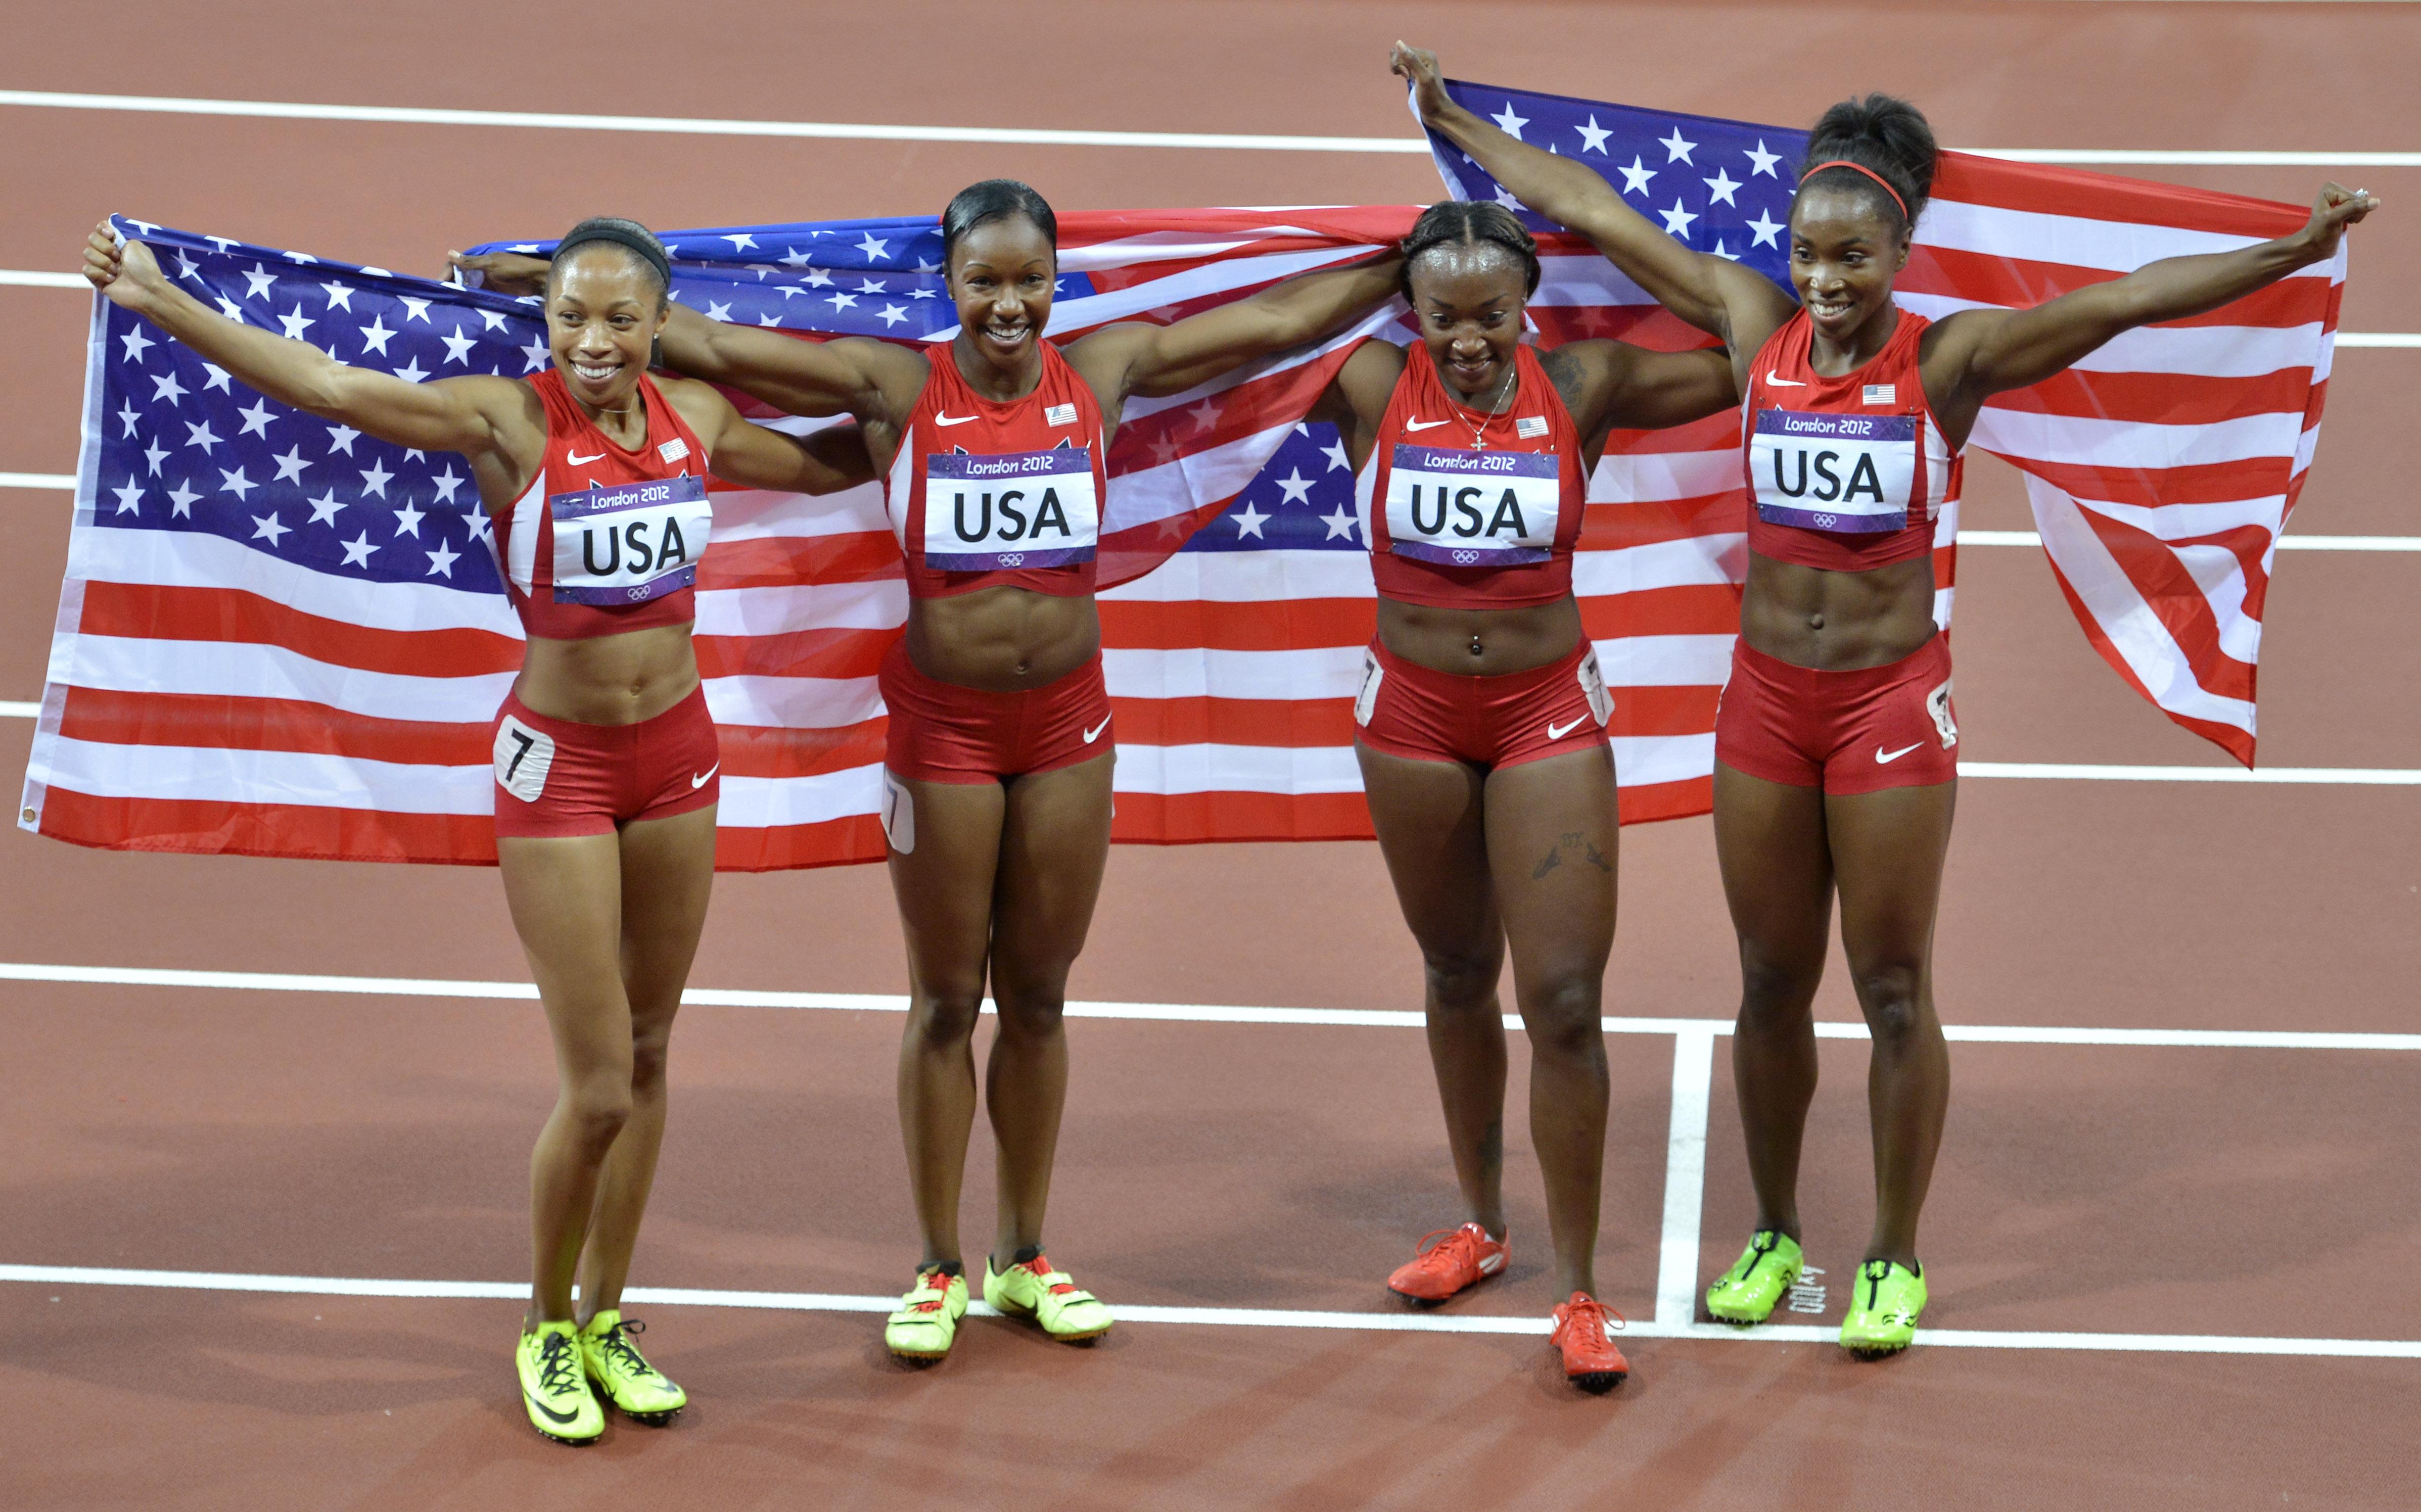 U.S. breaks 27-year-old world record in women's 4x100